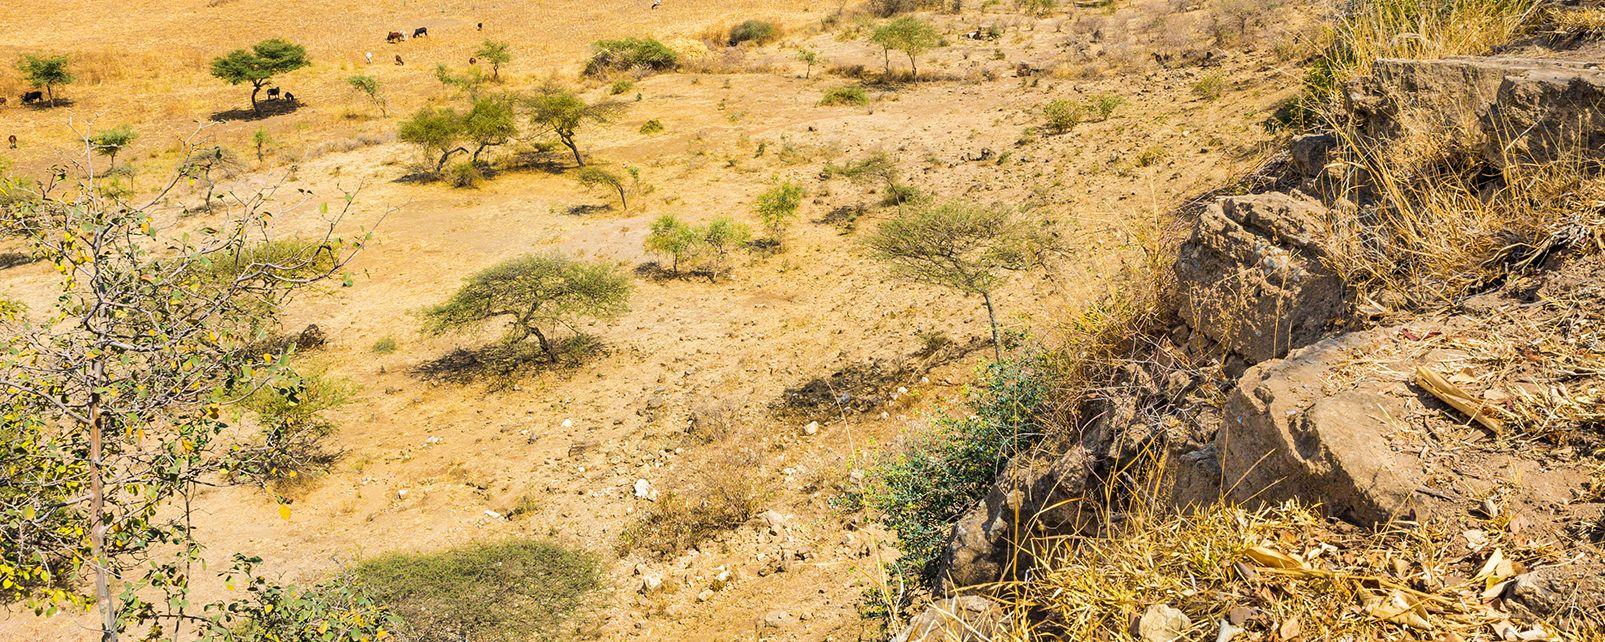 Le massif du Gheralta , Ethiopie